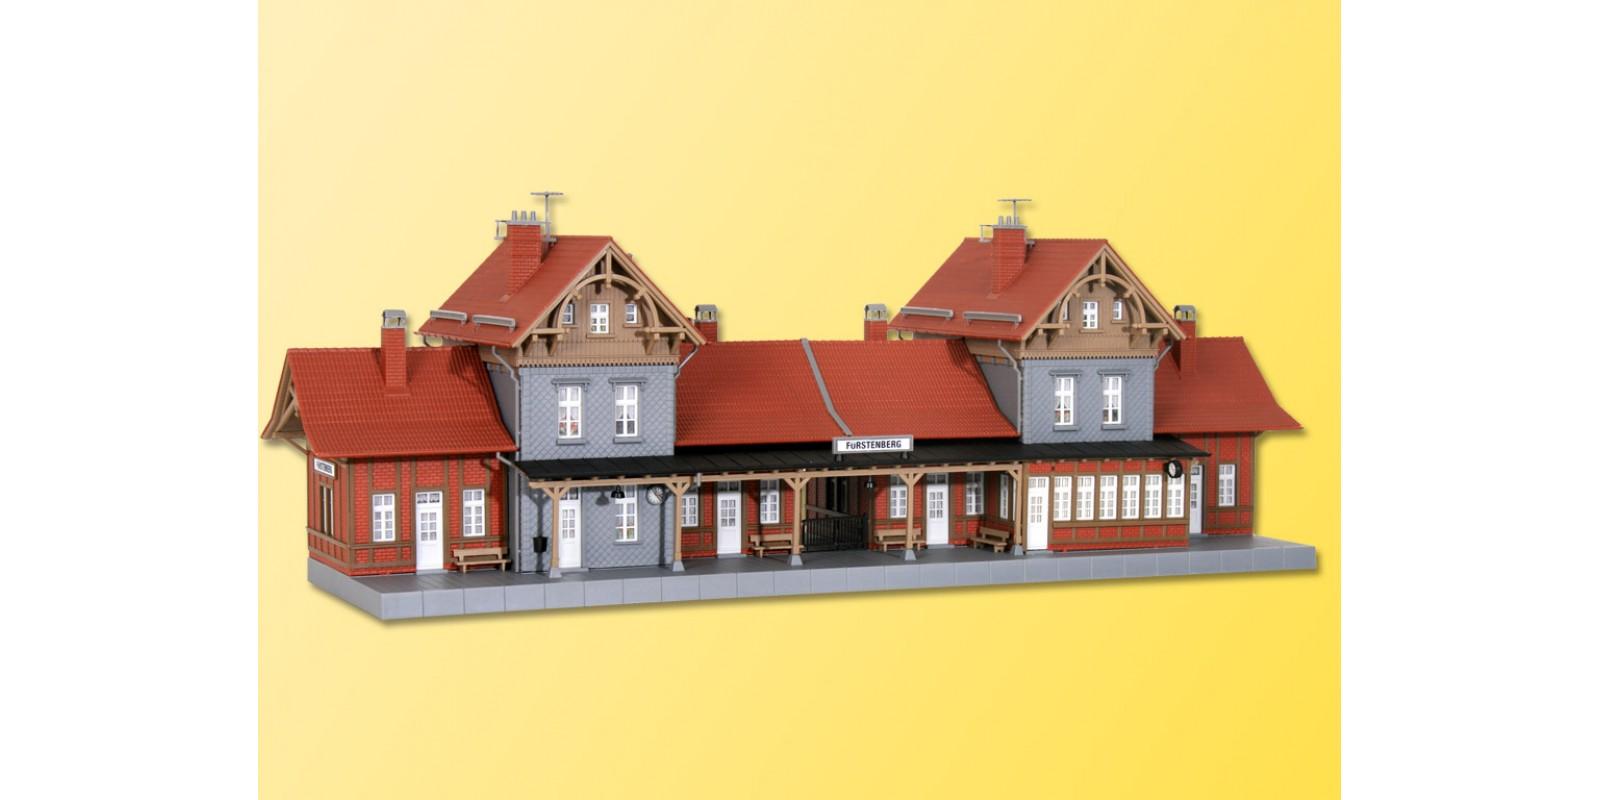 KI39367 H0 Station Fürstenberg